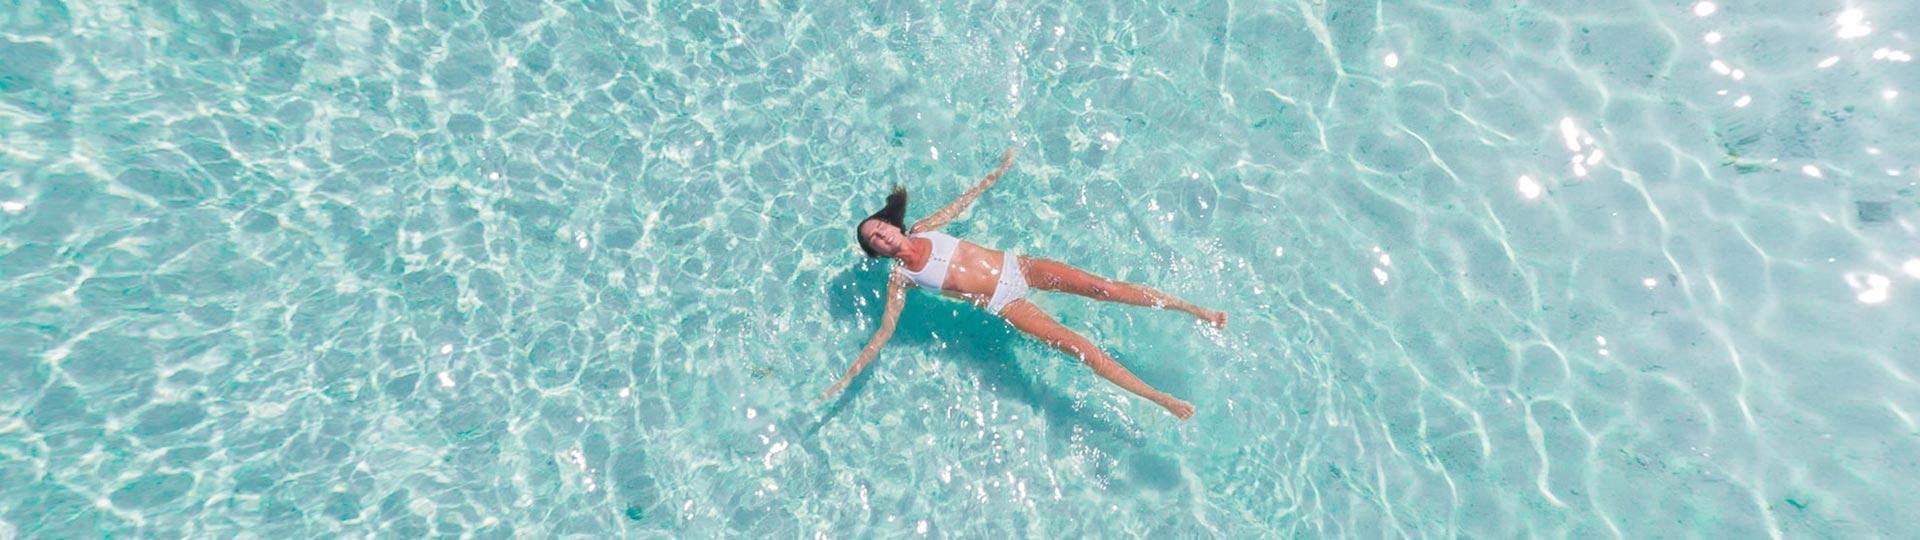 5 beneficios de un baño en la piscina